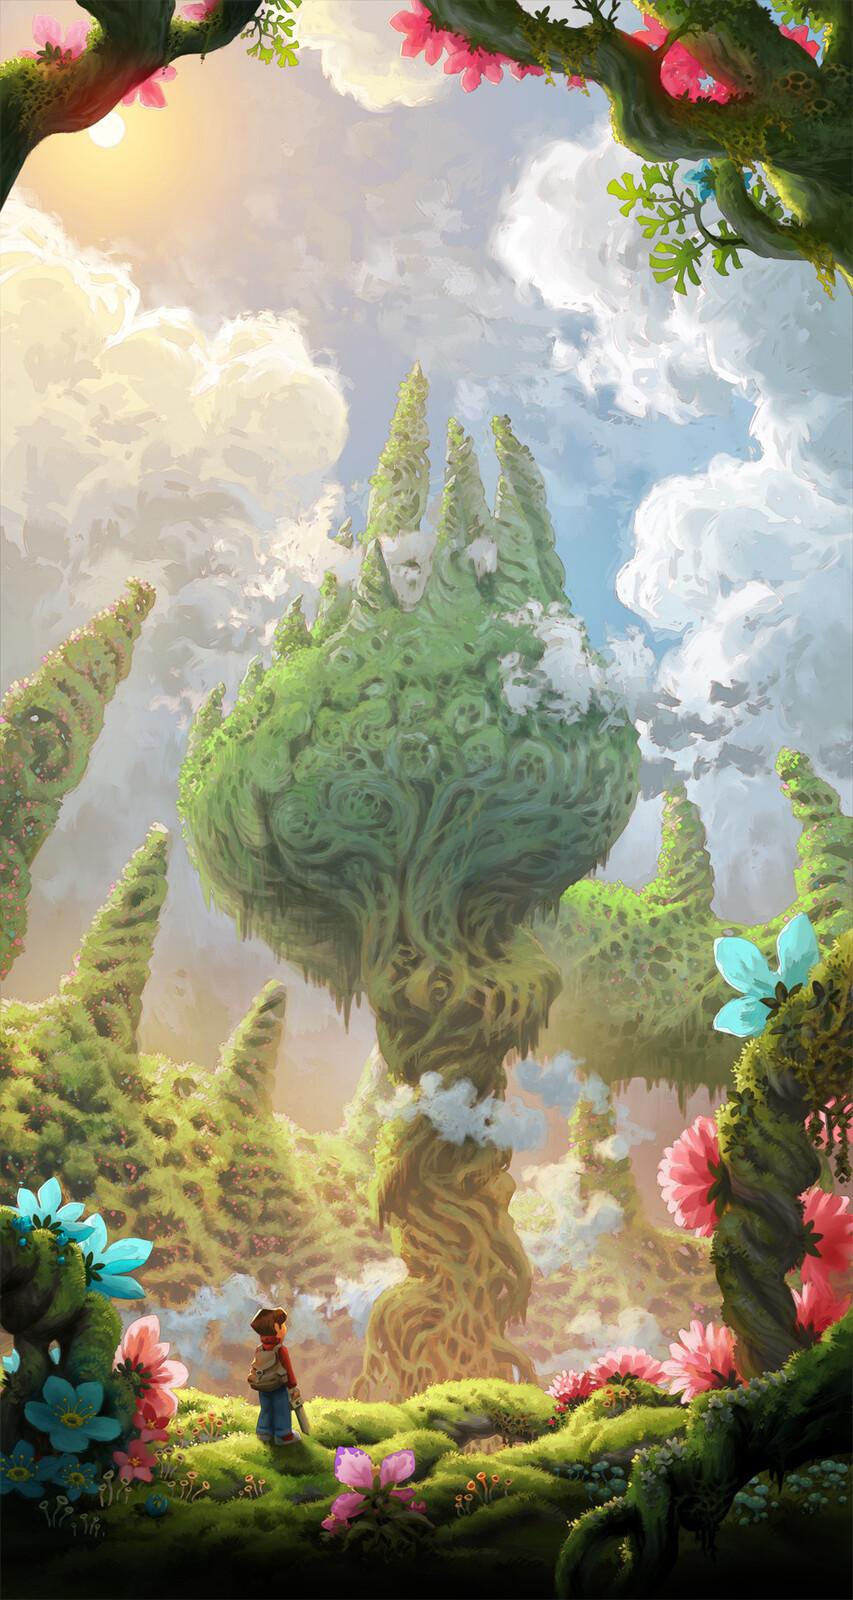 The Wormworld Saga - Chapter 3, Panel 17